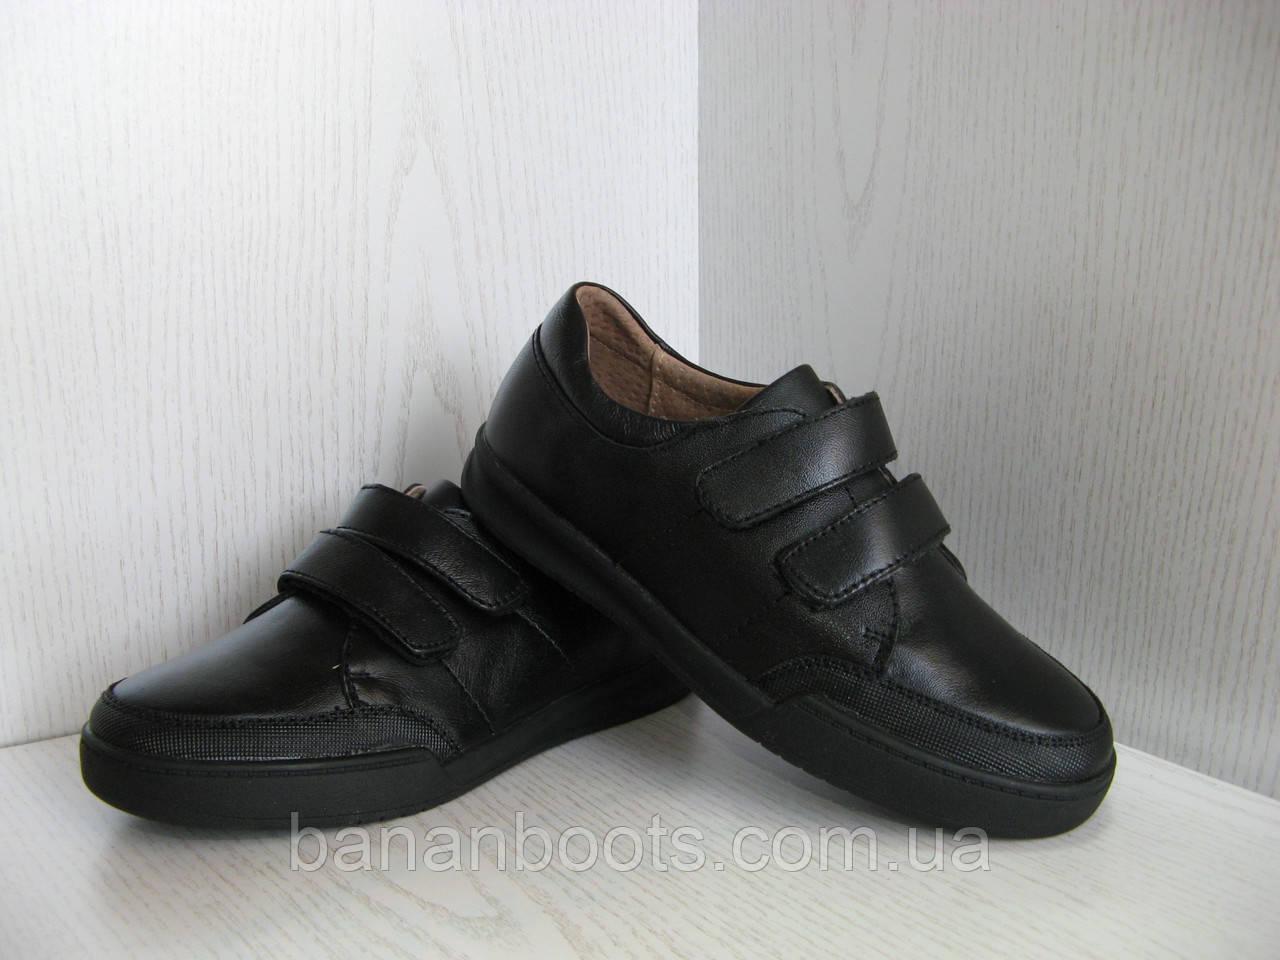 Туфлі шкільні шкіряні чорні для хлопчика 30р.- 34р.